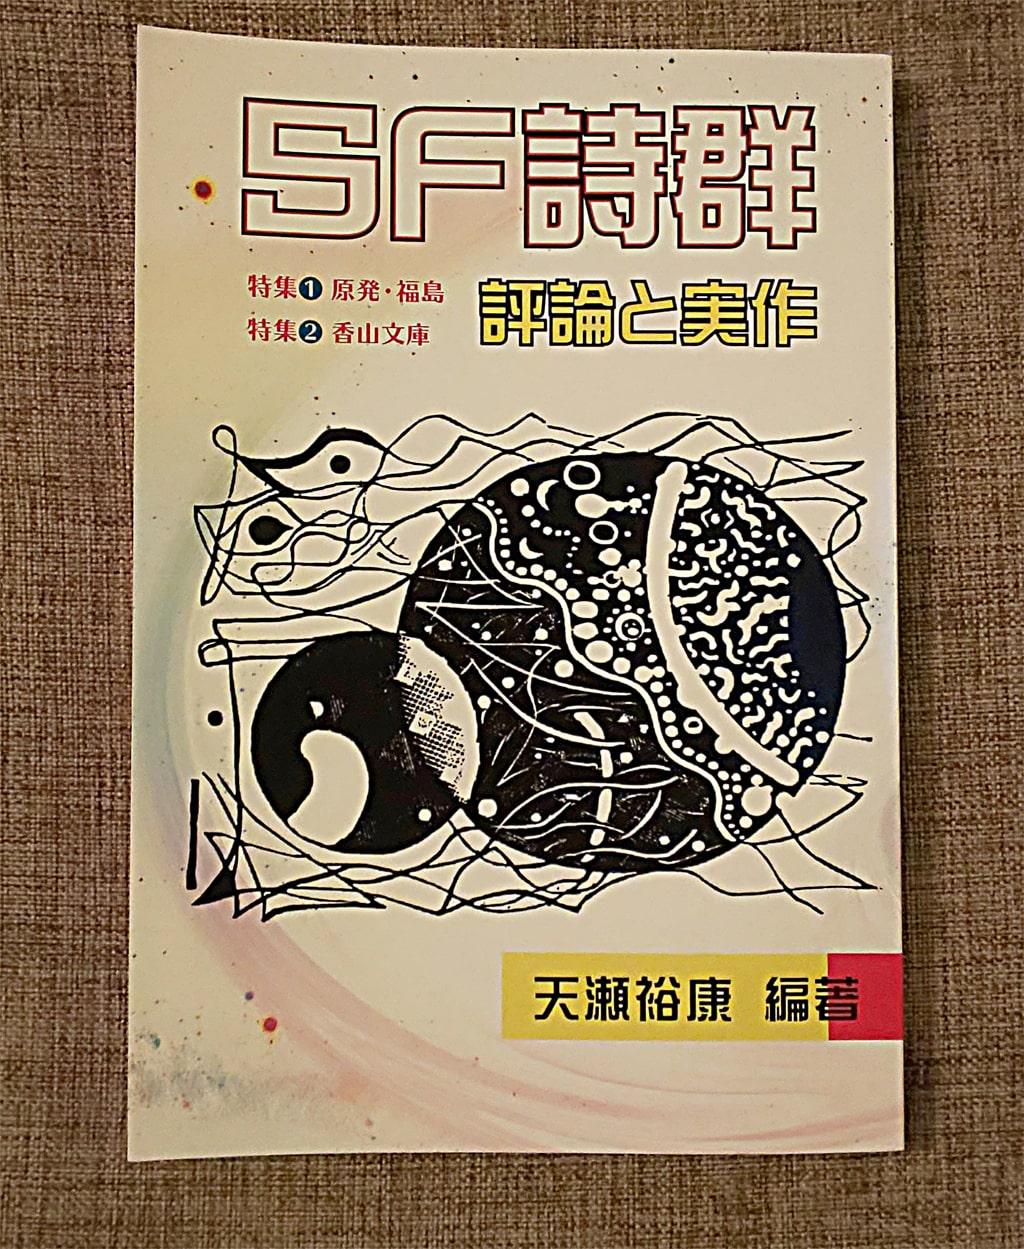 201911_SF_Shigun-min.jpg